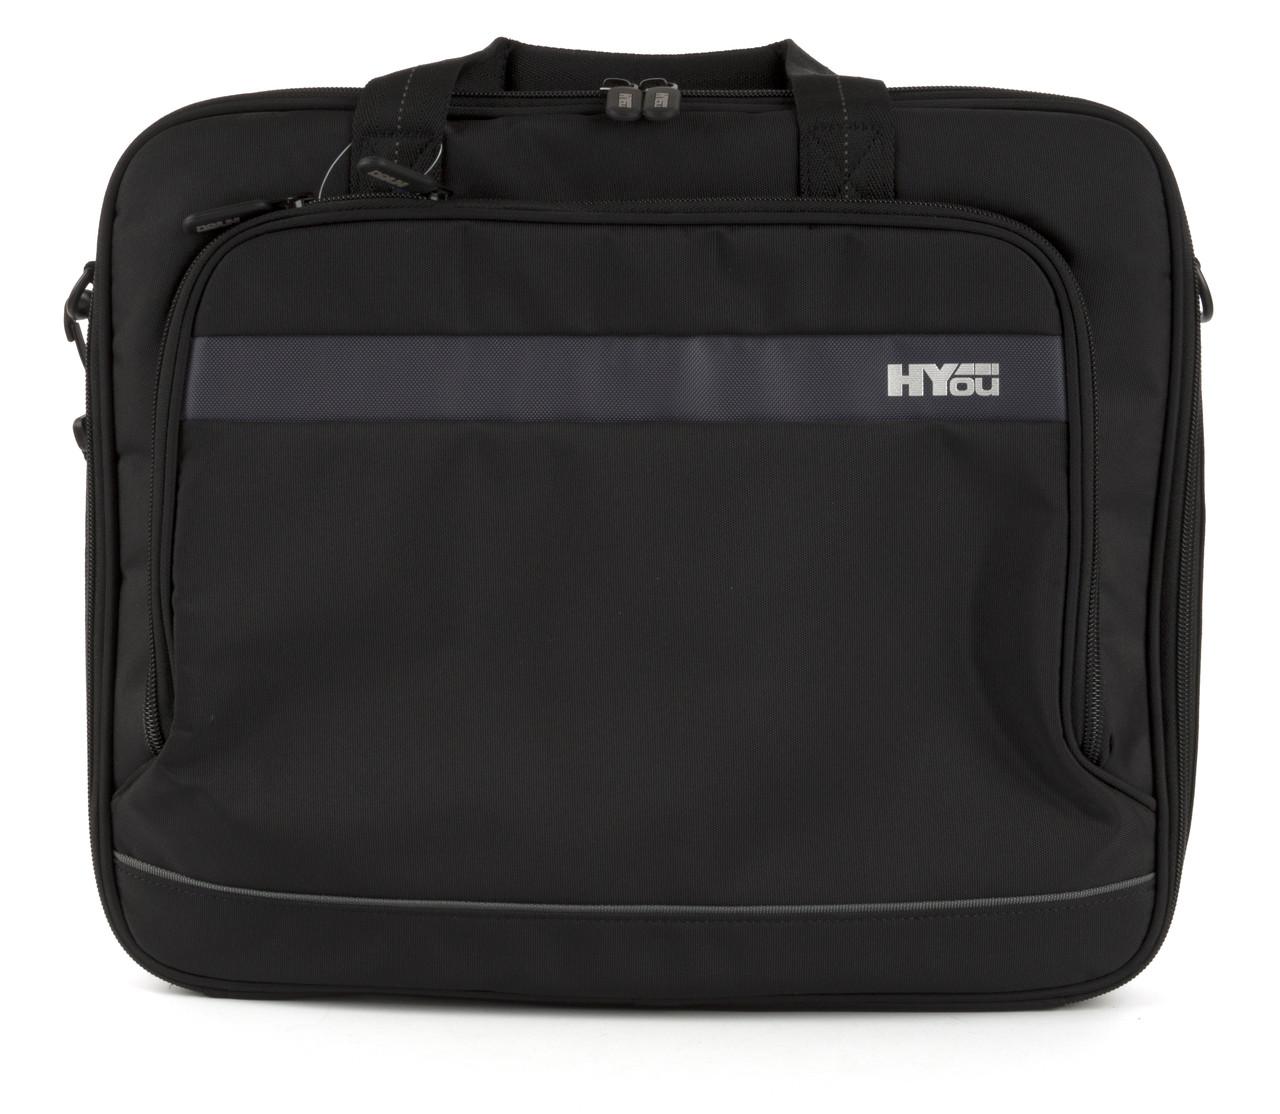 Вместительная мужская прочная сумка для ноутбука высокого качества HUOU art. HUCL04/003